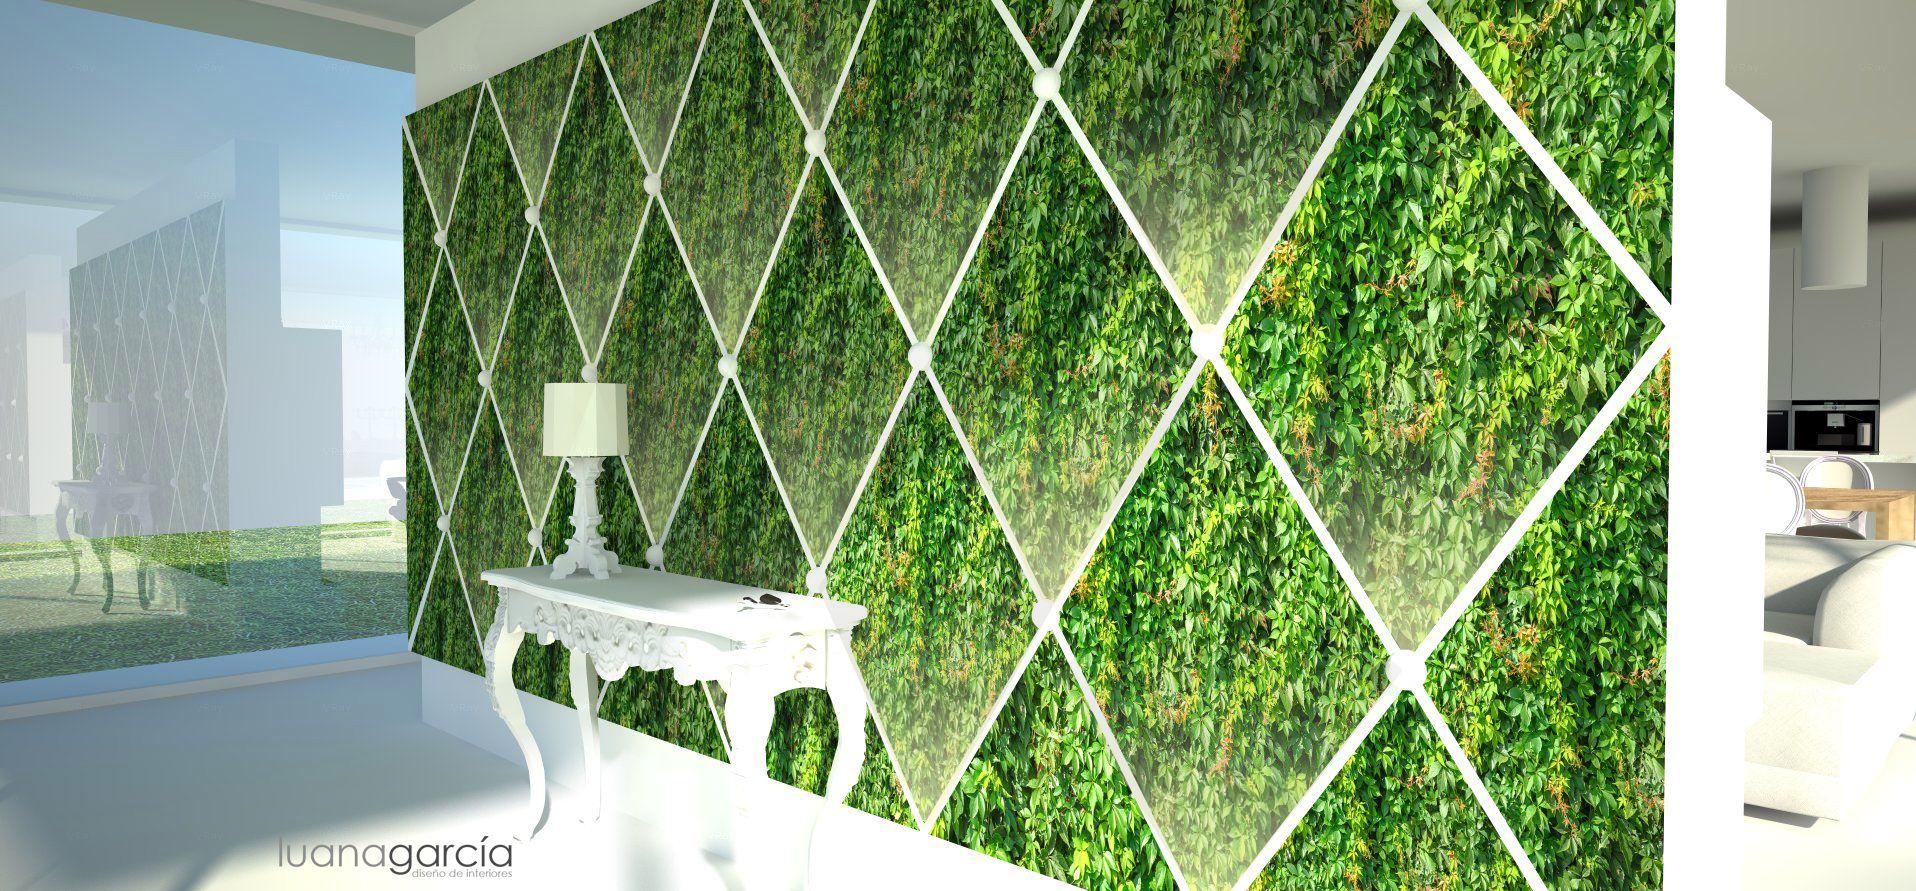 Prototipo de jardín vertical modular a base de placas romboidales iluminadas creando el efecto capitoné.  Diseño: Luana García 2013 ©Todos los derechos reservados  www.luanagarcia.es